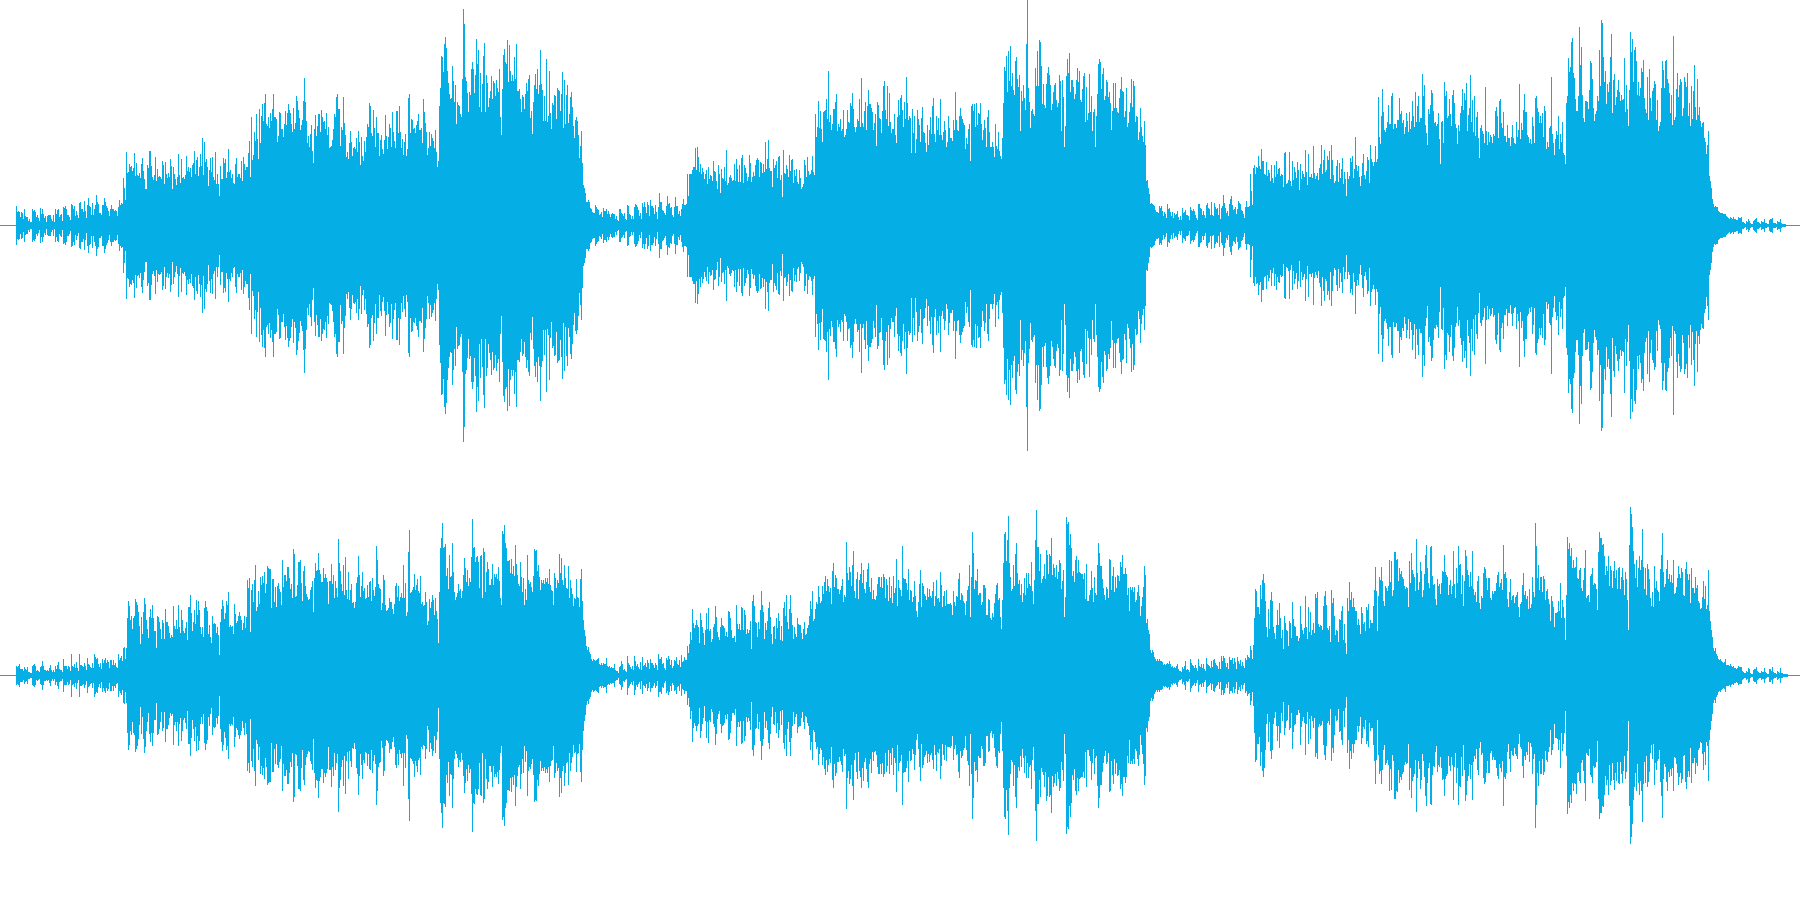 不思議で神秘的なメロディーの再生済みの波形